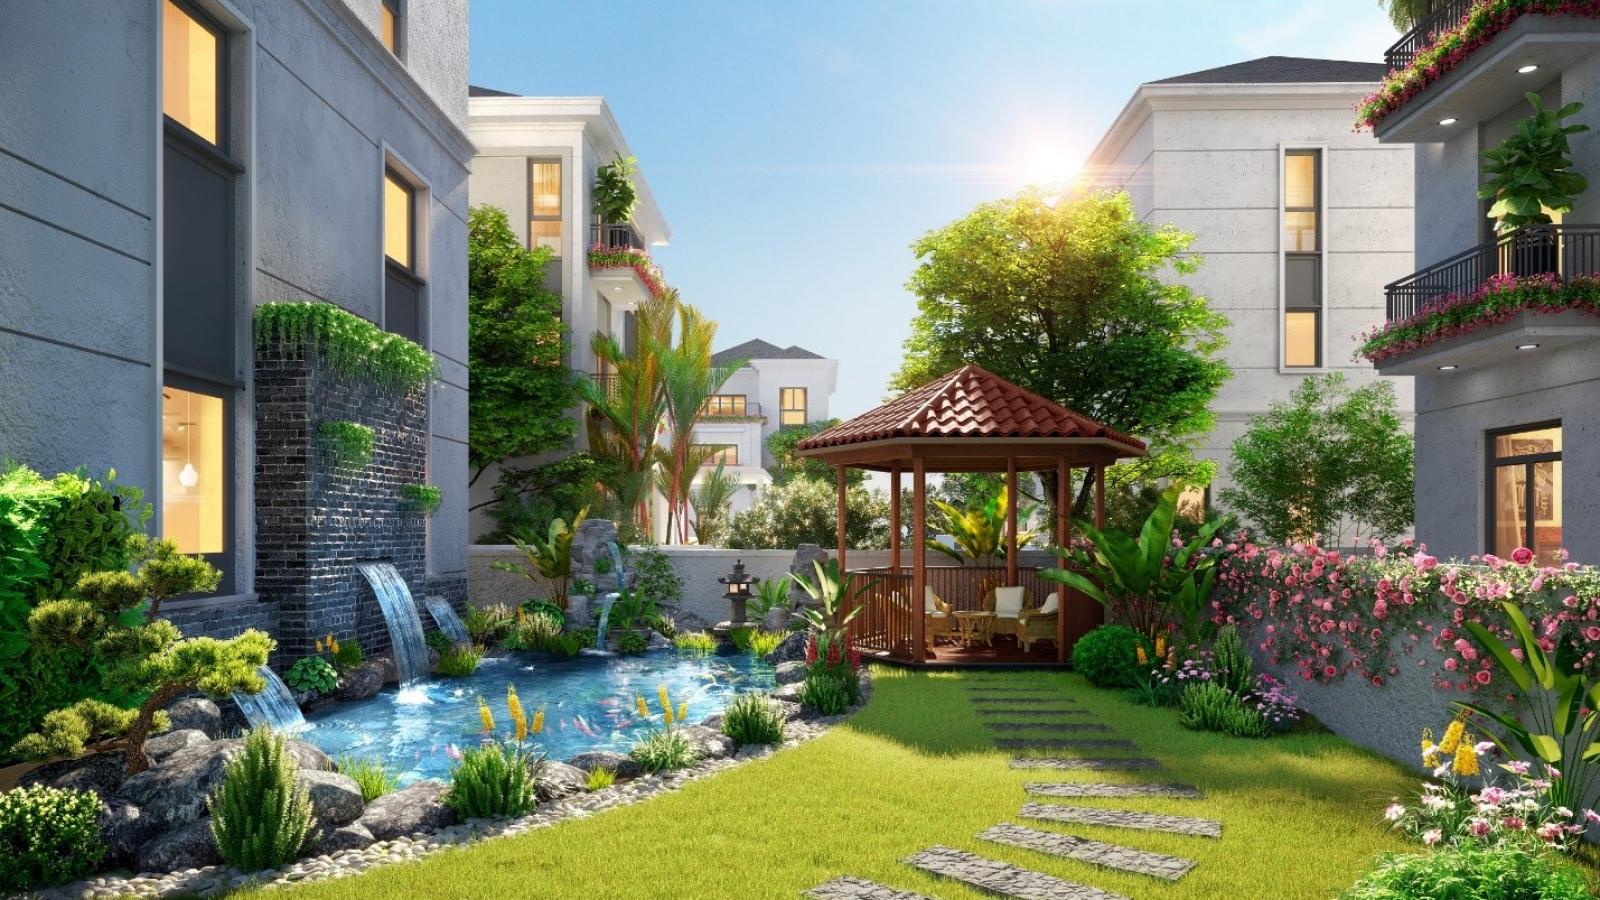 Cơ hội hiếm có sở hữu nhà phố vườn sinh thái tại Aqua City